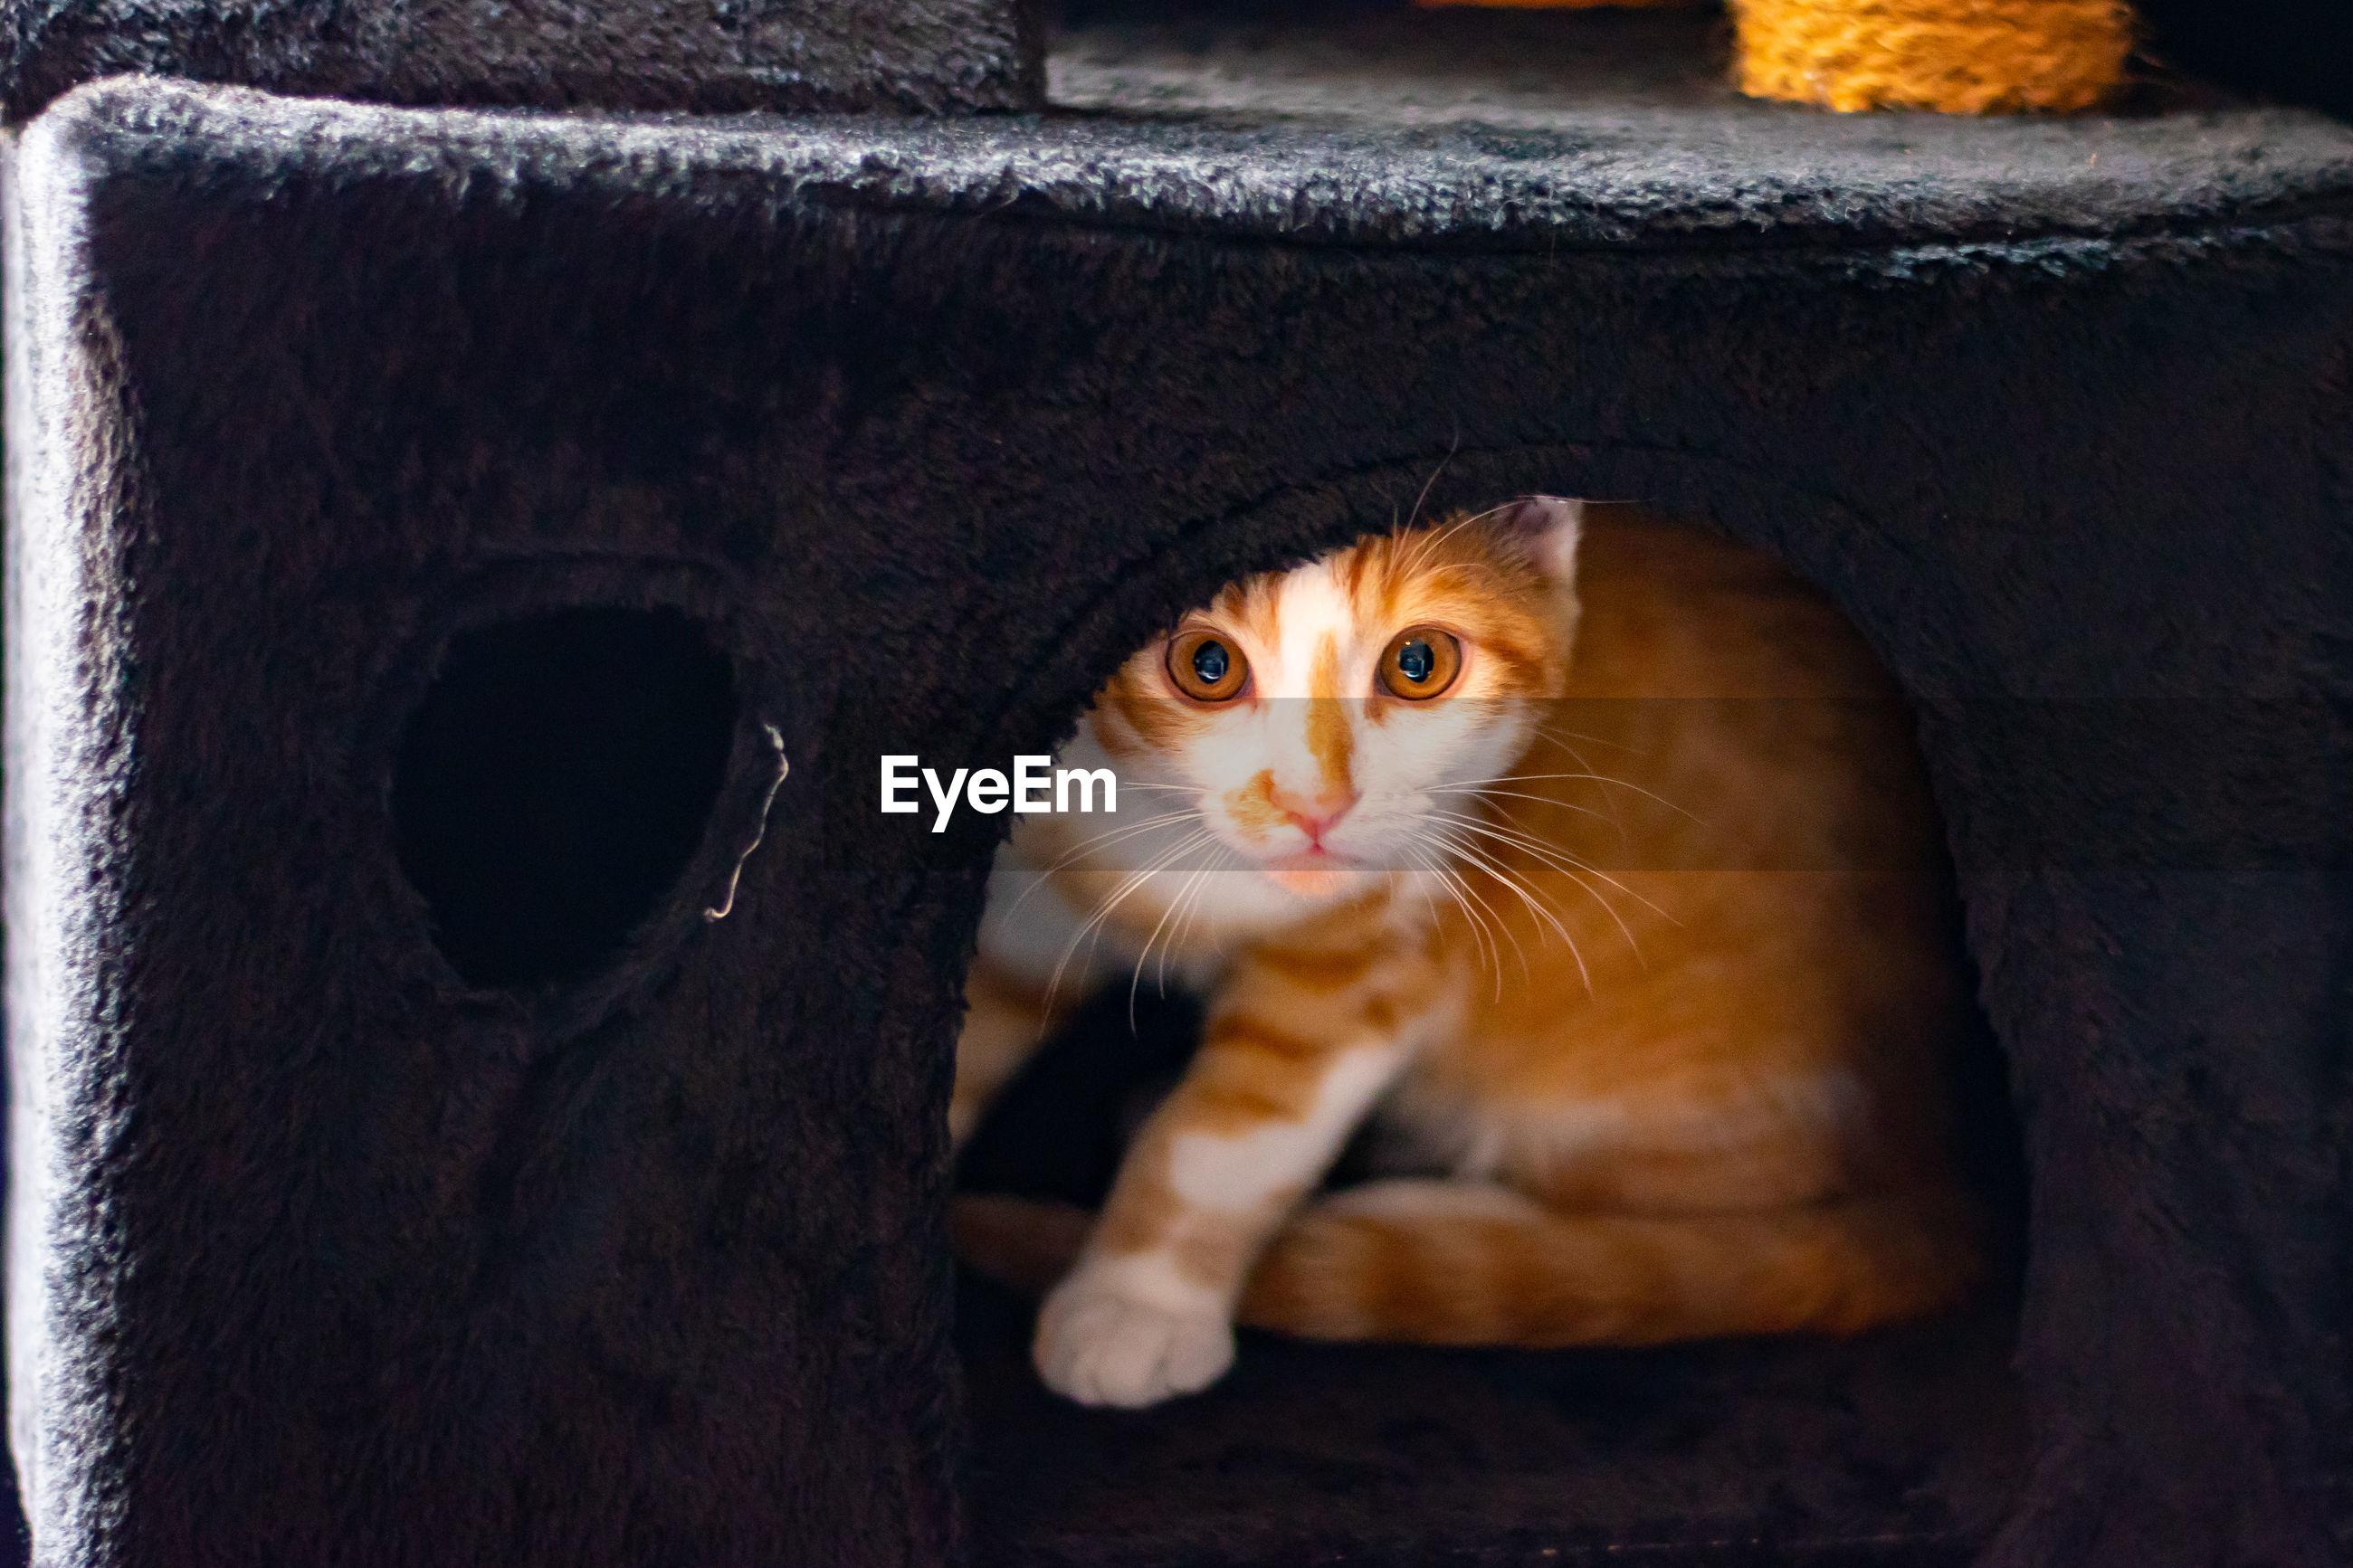 PORTRAIT OF KITTEN BY CAT